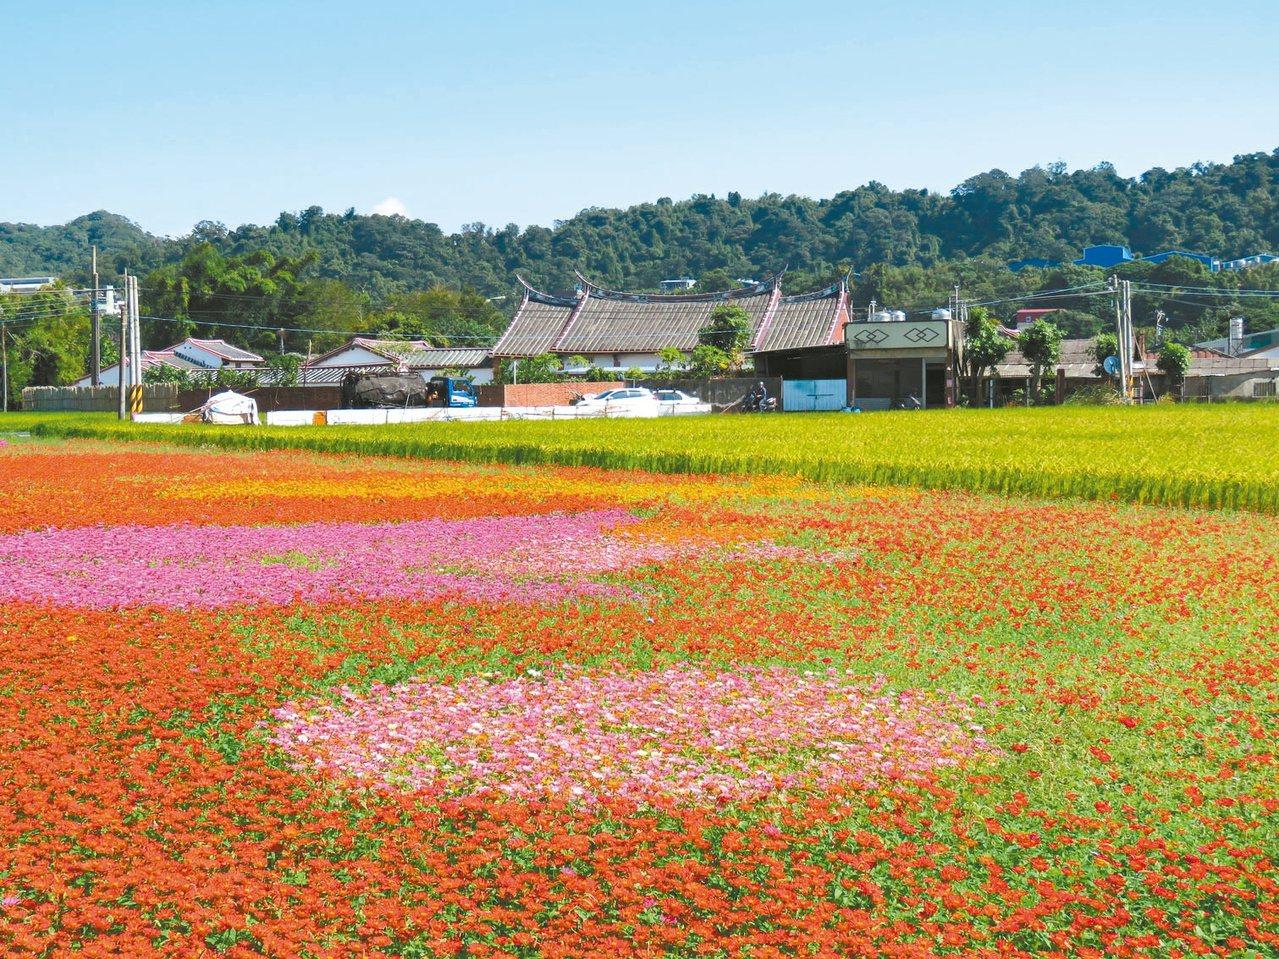 桃園花彩節運用農地休耕期間,規畫大面積花海和周邊農事體驗,已成桃園特色花卉活動。...